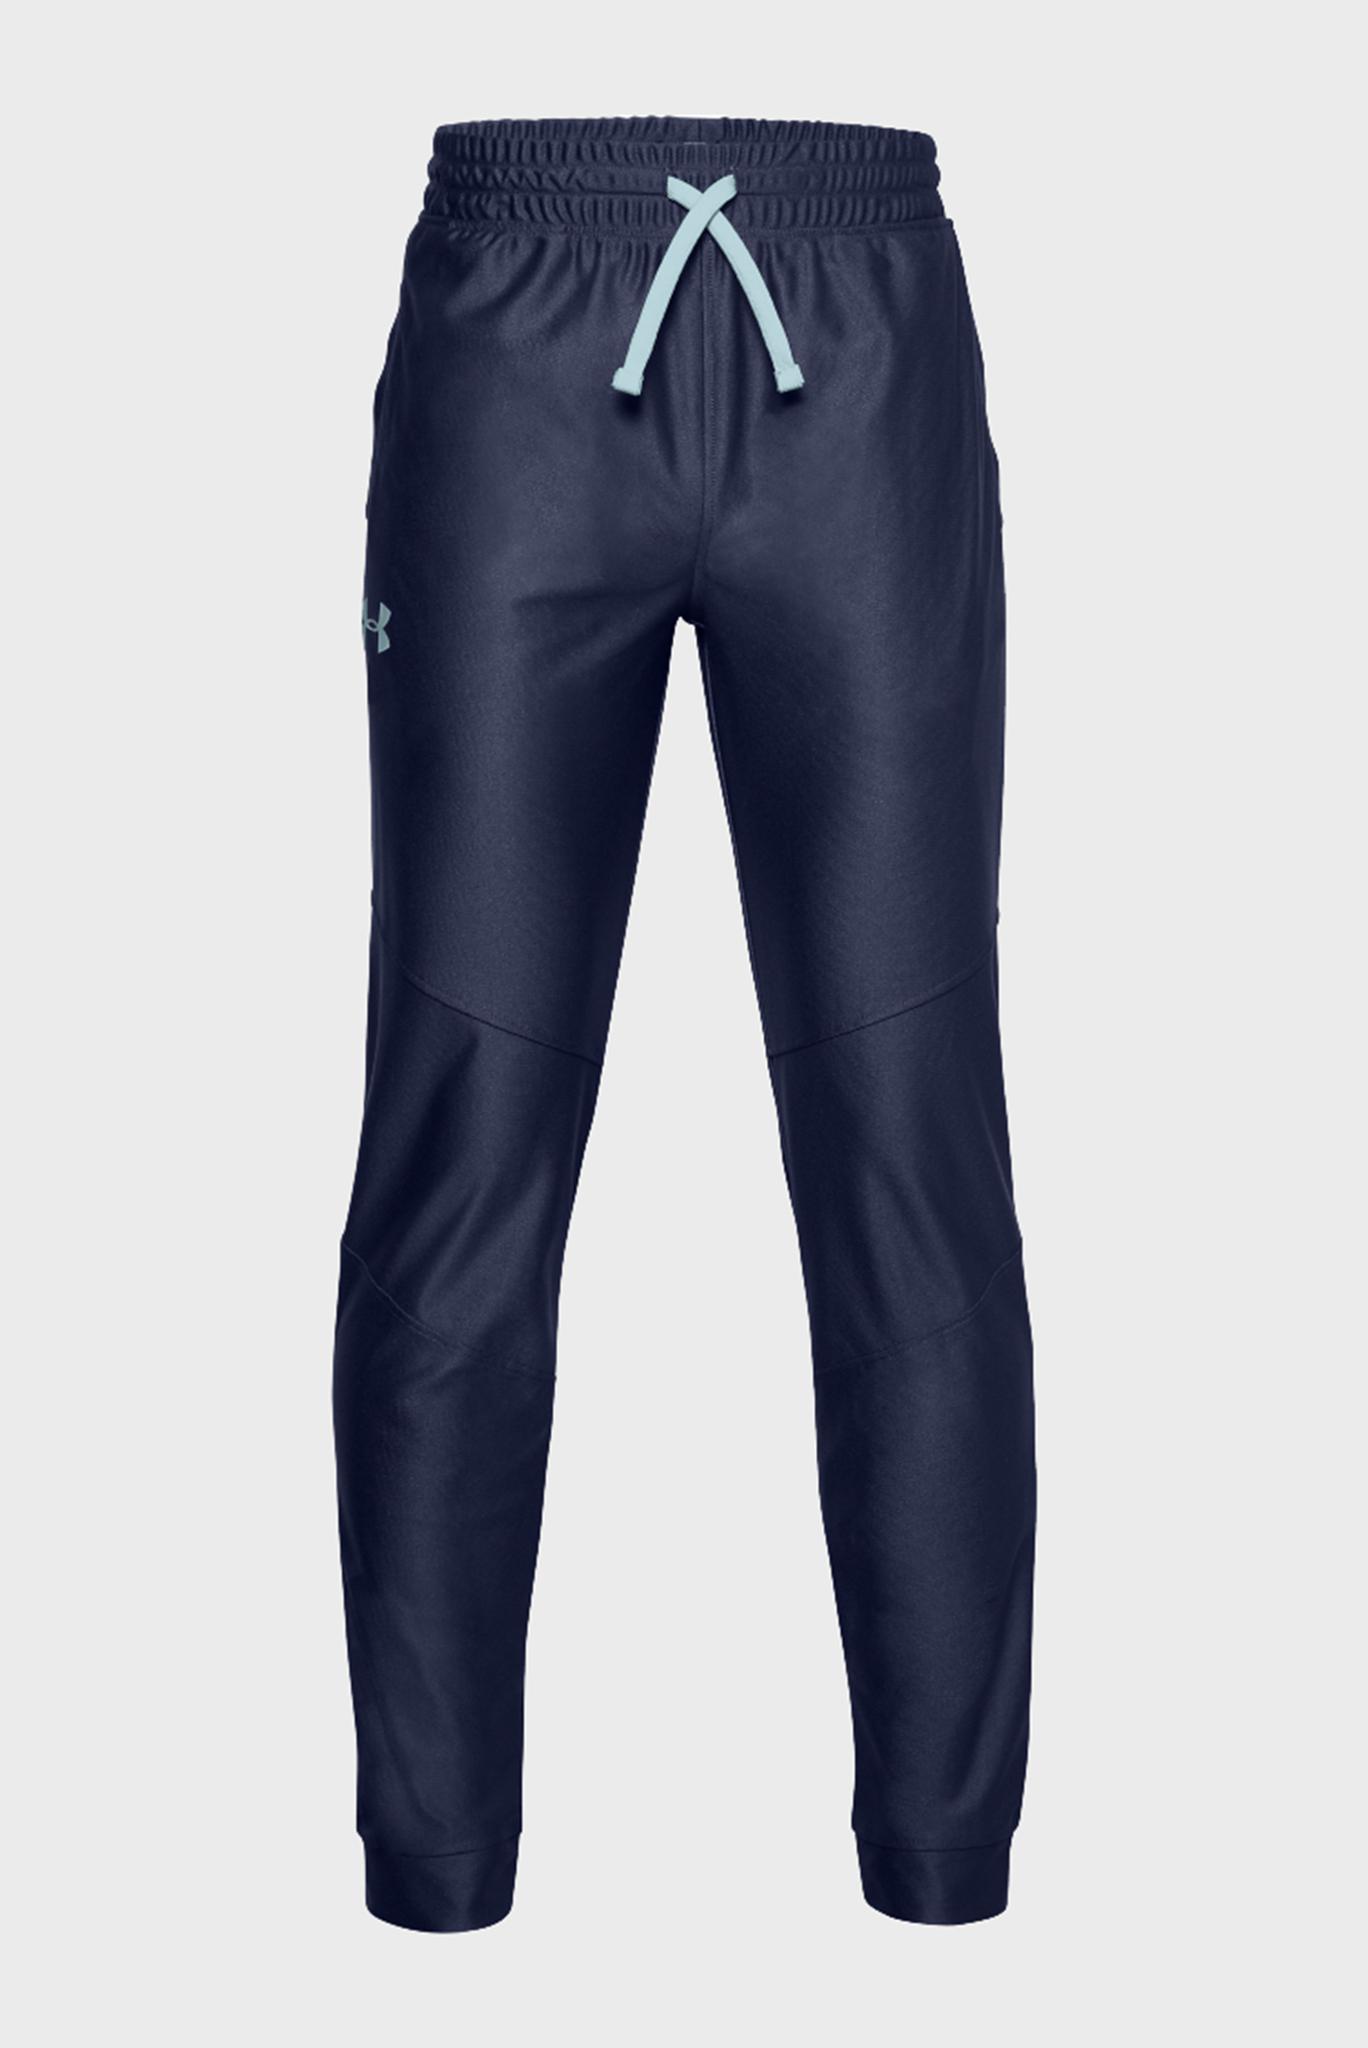 Детские синие спортивные брюки Prototype Under Armour